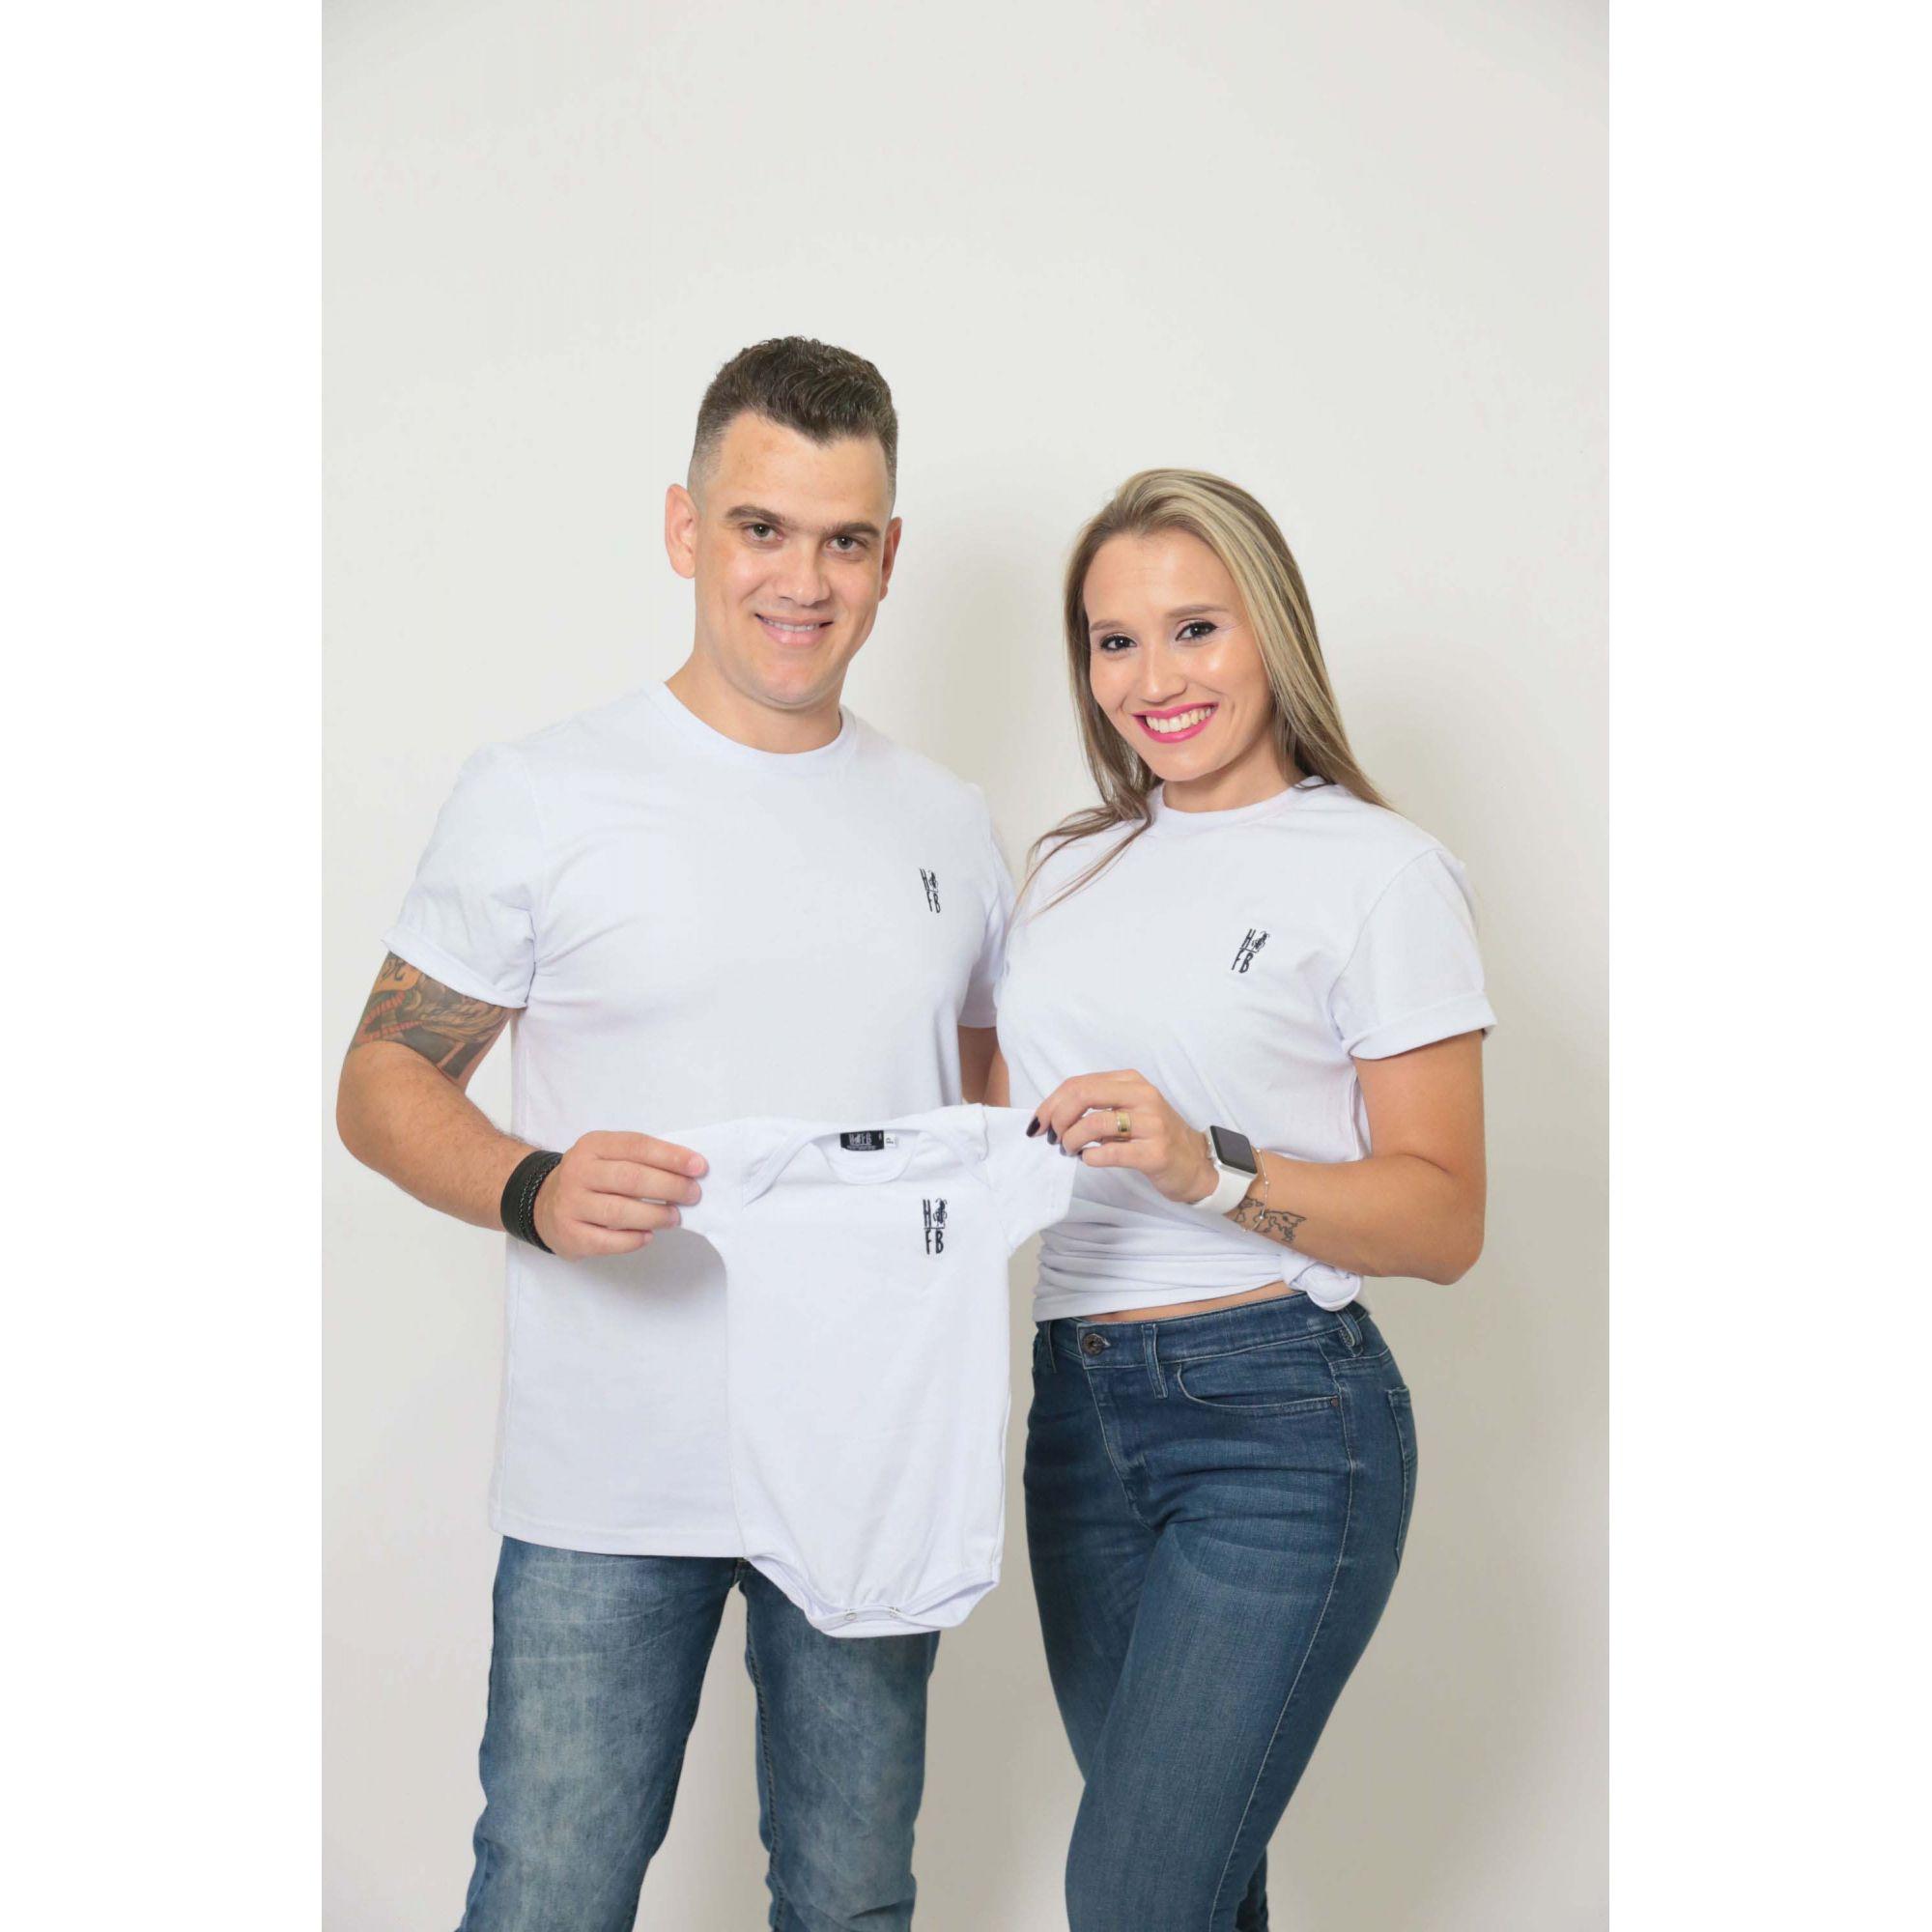 PAIS E FILHOS > Kit 3 Peças T-Shirt - Branca - Unissex [Coleção Família]  - Heitor Fashion Brazil